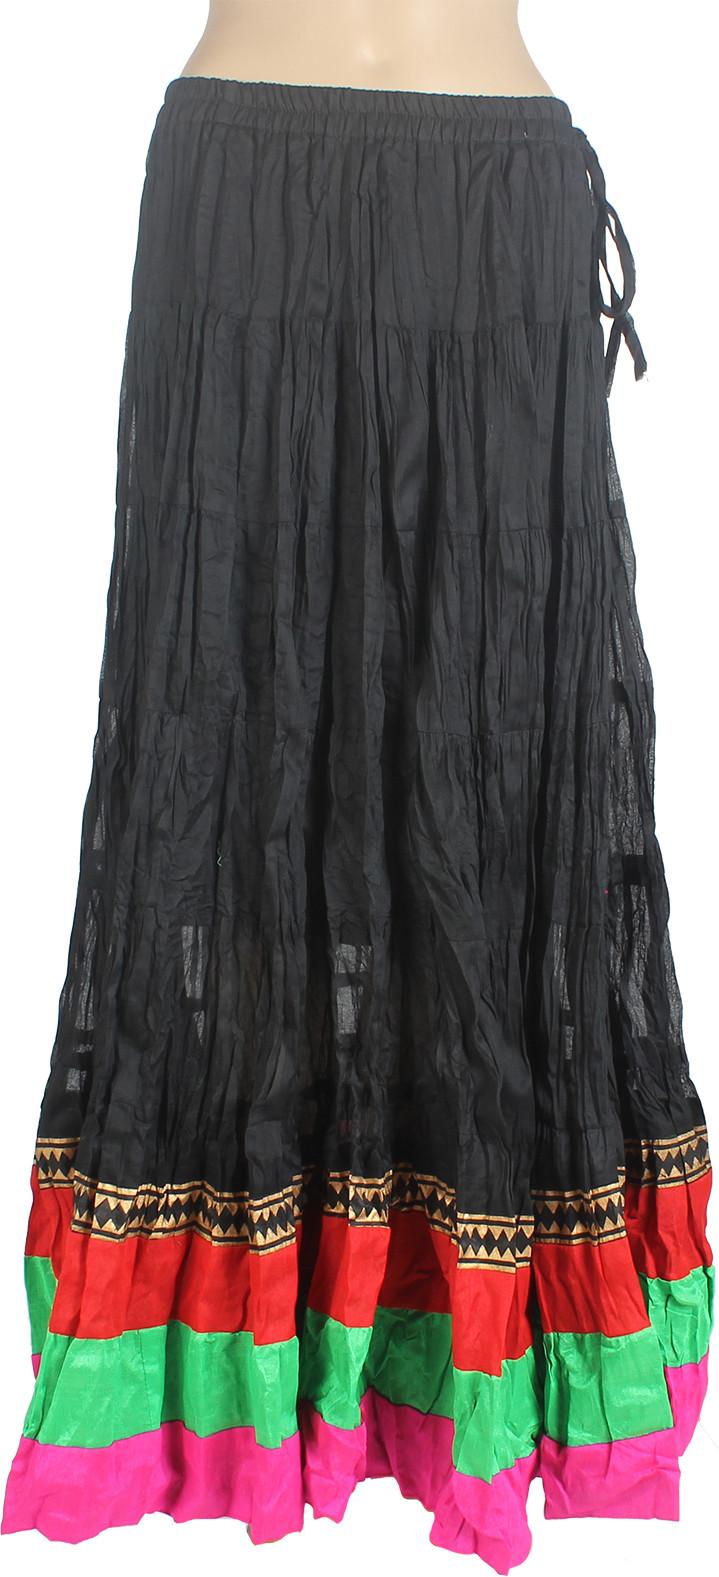 Mina Bazaar Solid Womens A-line Black Skirt